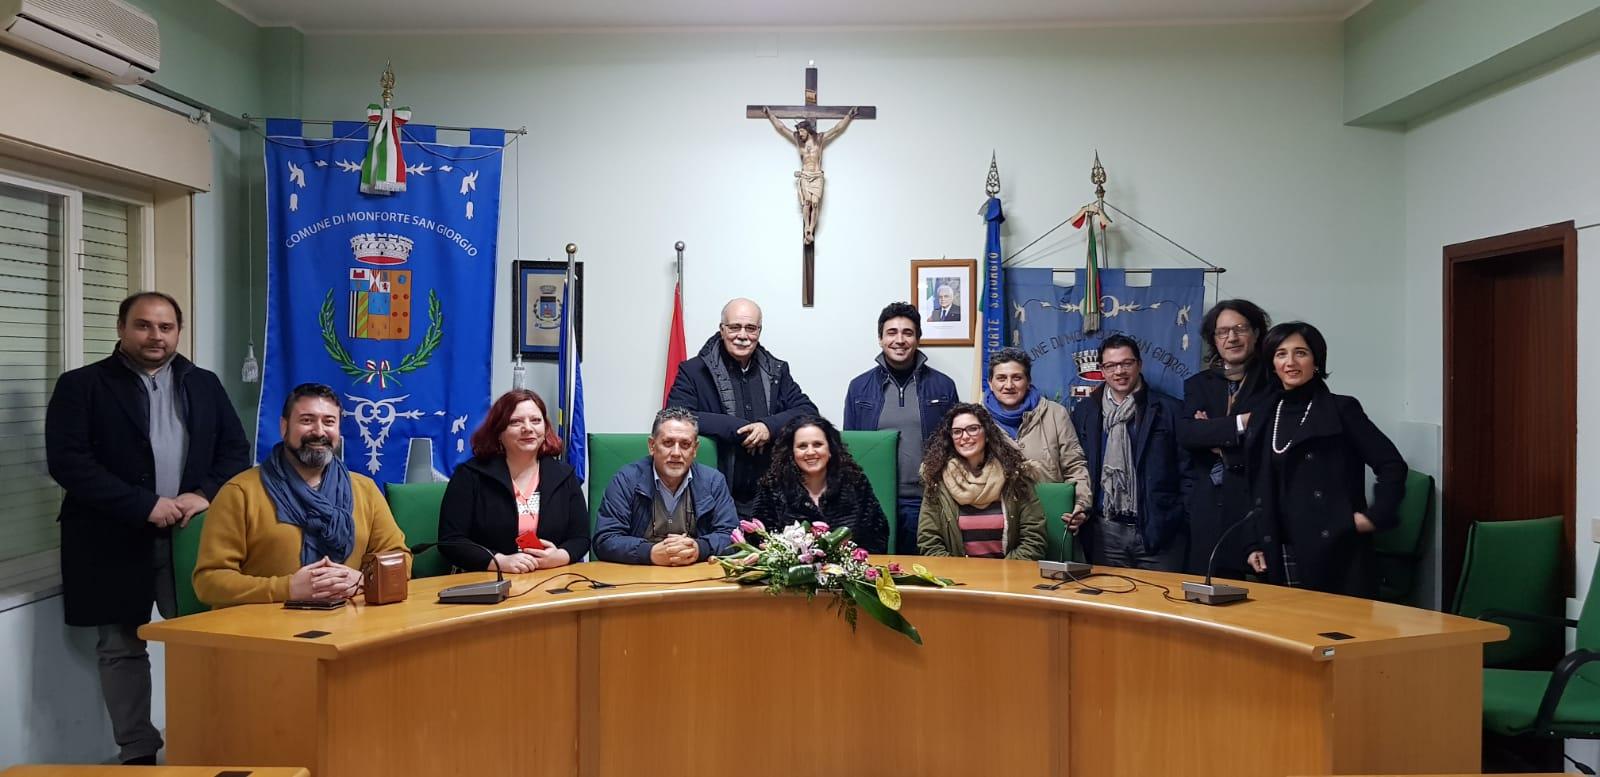 Monforte San Giorgio, dal 12 febbraio al via i corsi della Lute